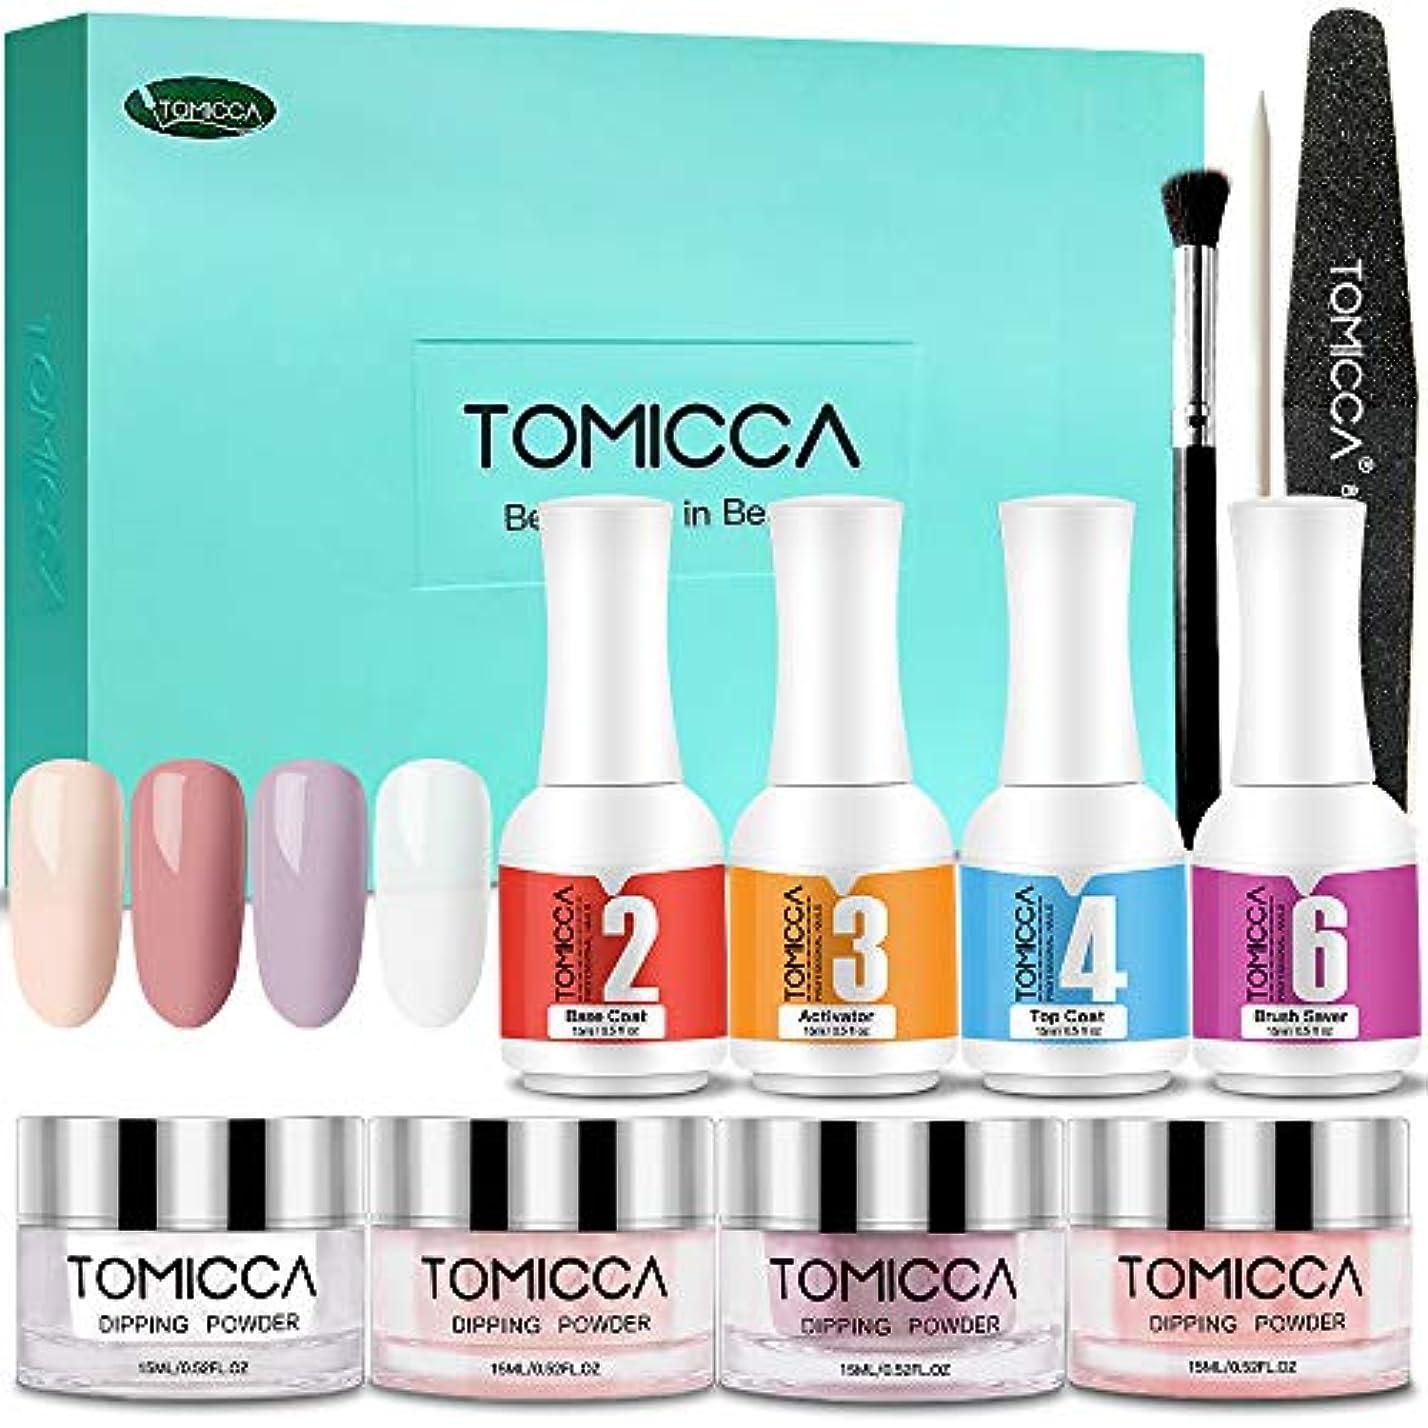 ベリーたくさんの罰TOMICCA パウダーマニキュア ネイルパウダー 4色セット 15g UV*LED ライト不要 初心者適用 色付け簡単 人気 アメリカ流行 (ピンク)